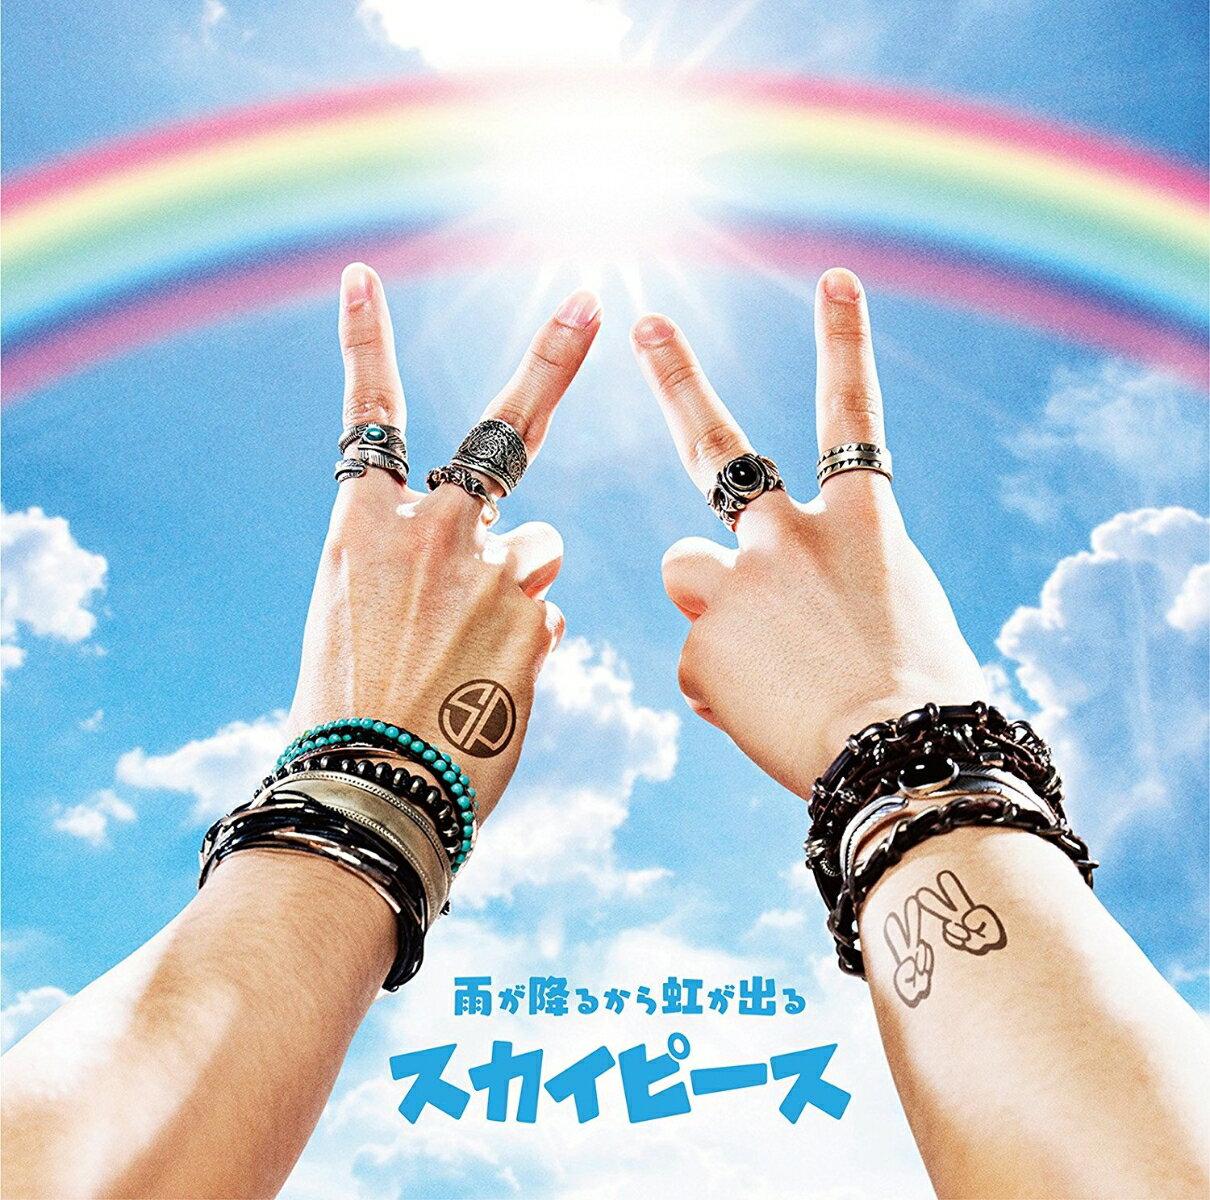 雨が降るから虹が出る (完全生産限定盤 CD+DVD+ハンドタオル) [ スカイピース ]